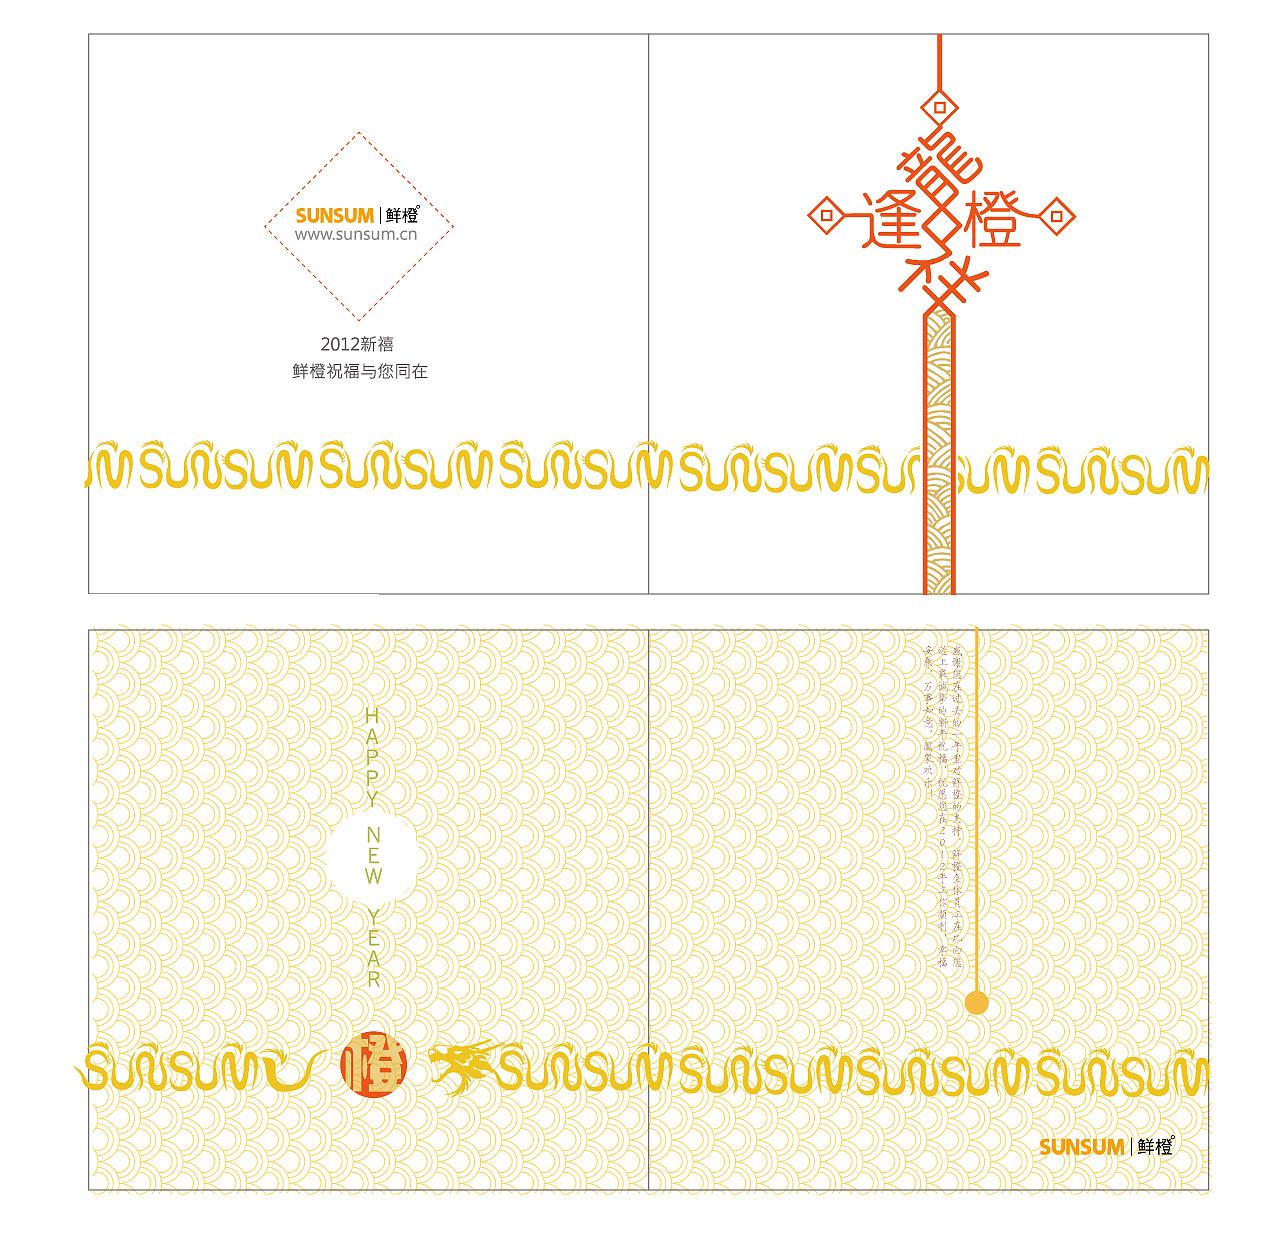 给鲜橙v模板做的龙年模板红酒广告设计ppt贺卡图片